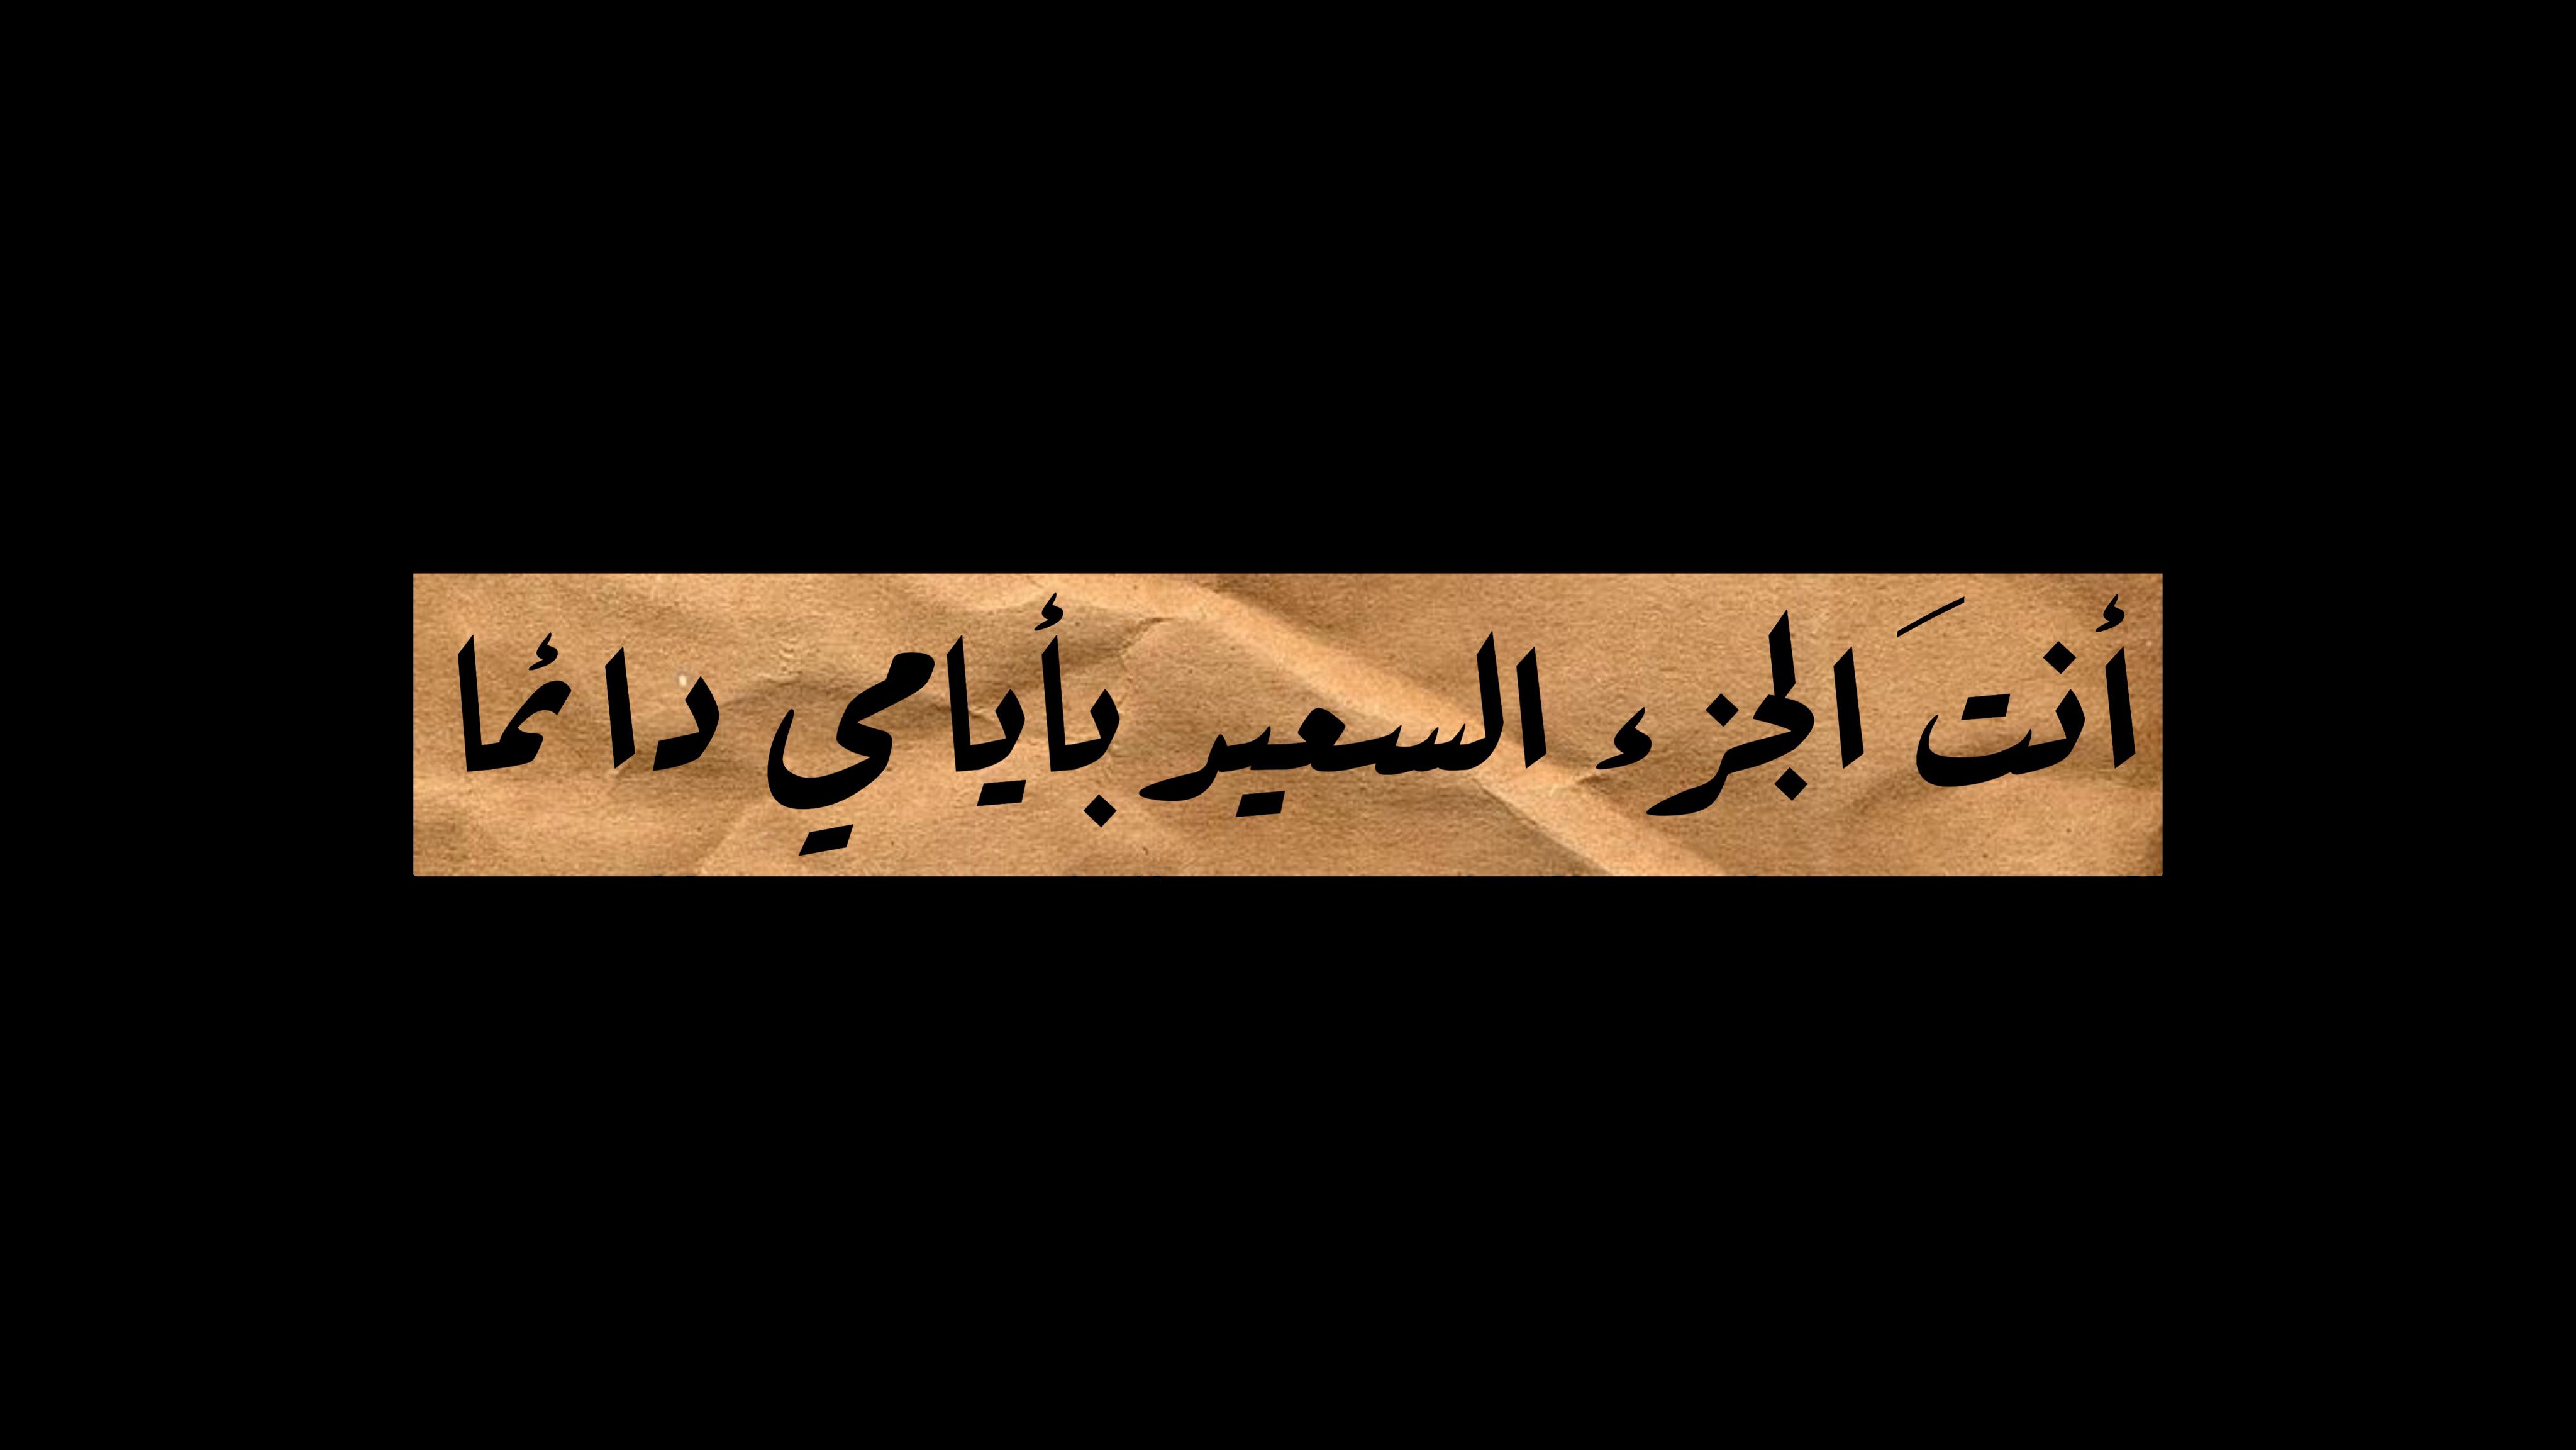 عبارات خط ورق بني Freetoedit Calligraphy Quotes Love Quotes For Book Lovers Love Quotes Wallpaper